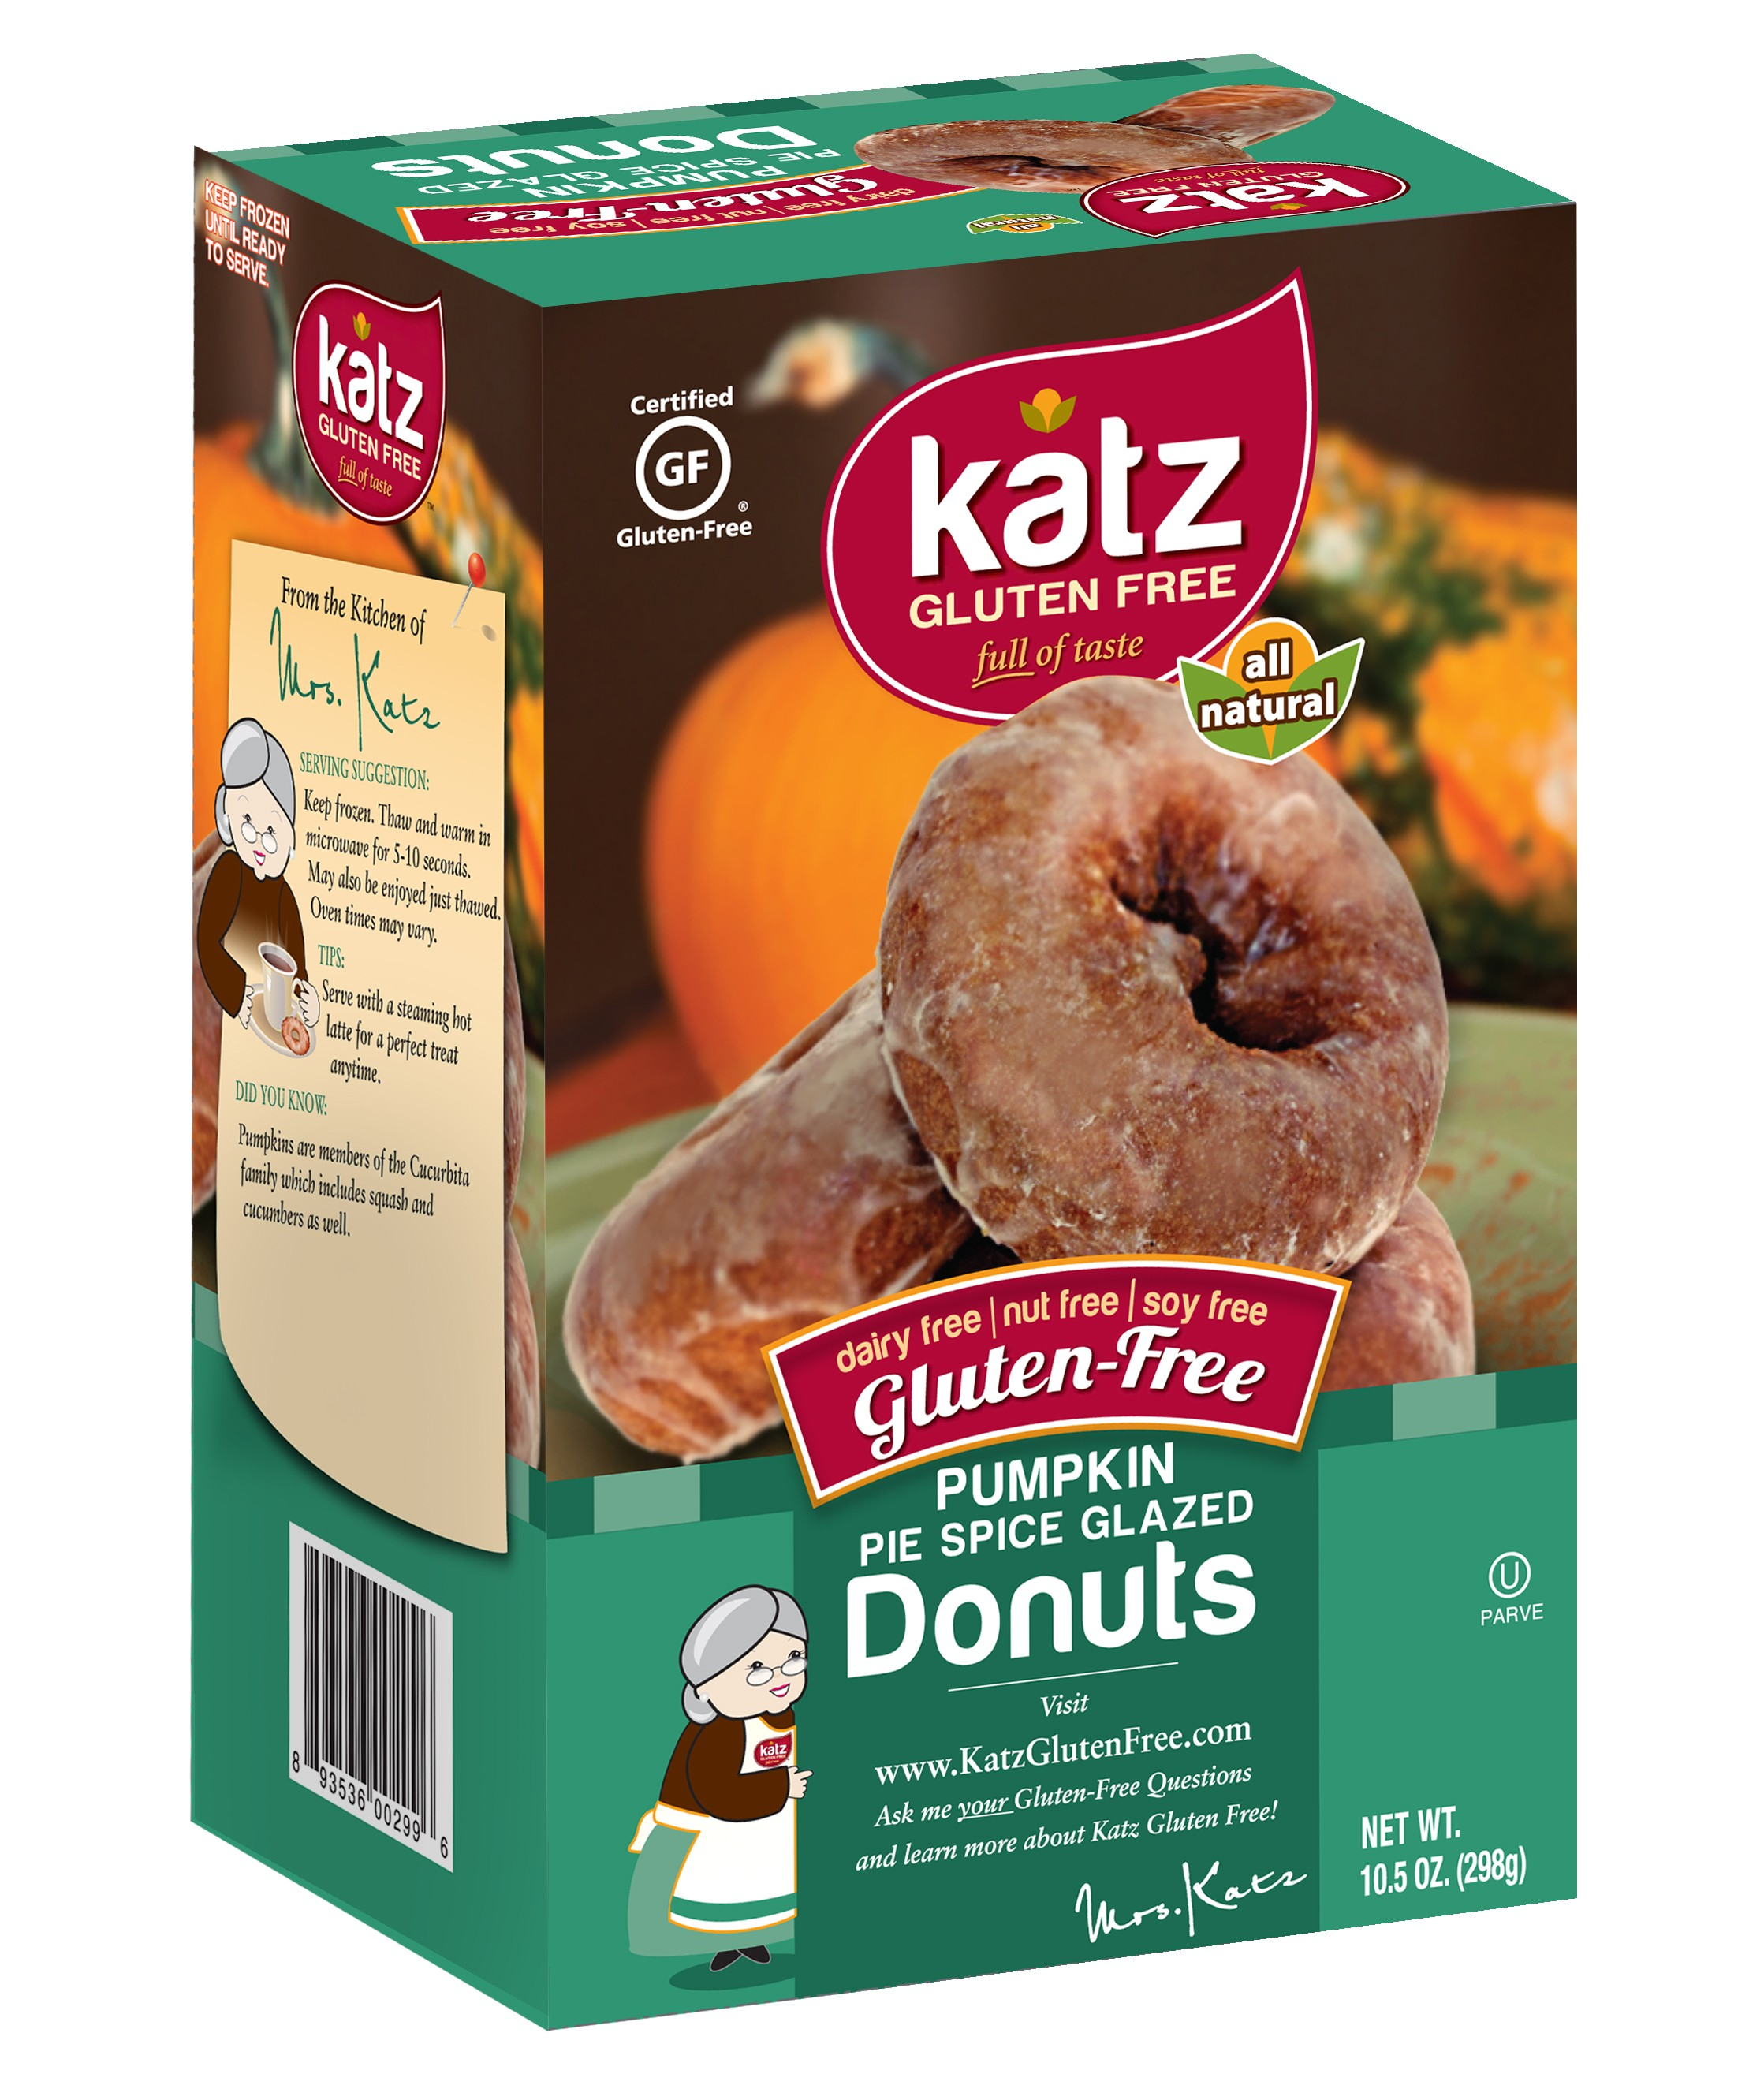 Katz Gluten Free Pumpkin Pie Spice Glazed Donuts[Case of 6]